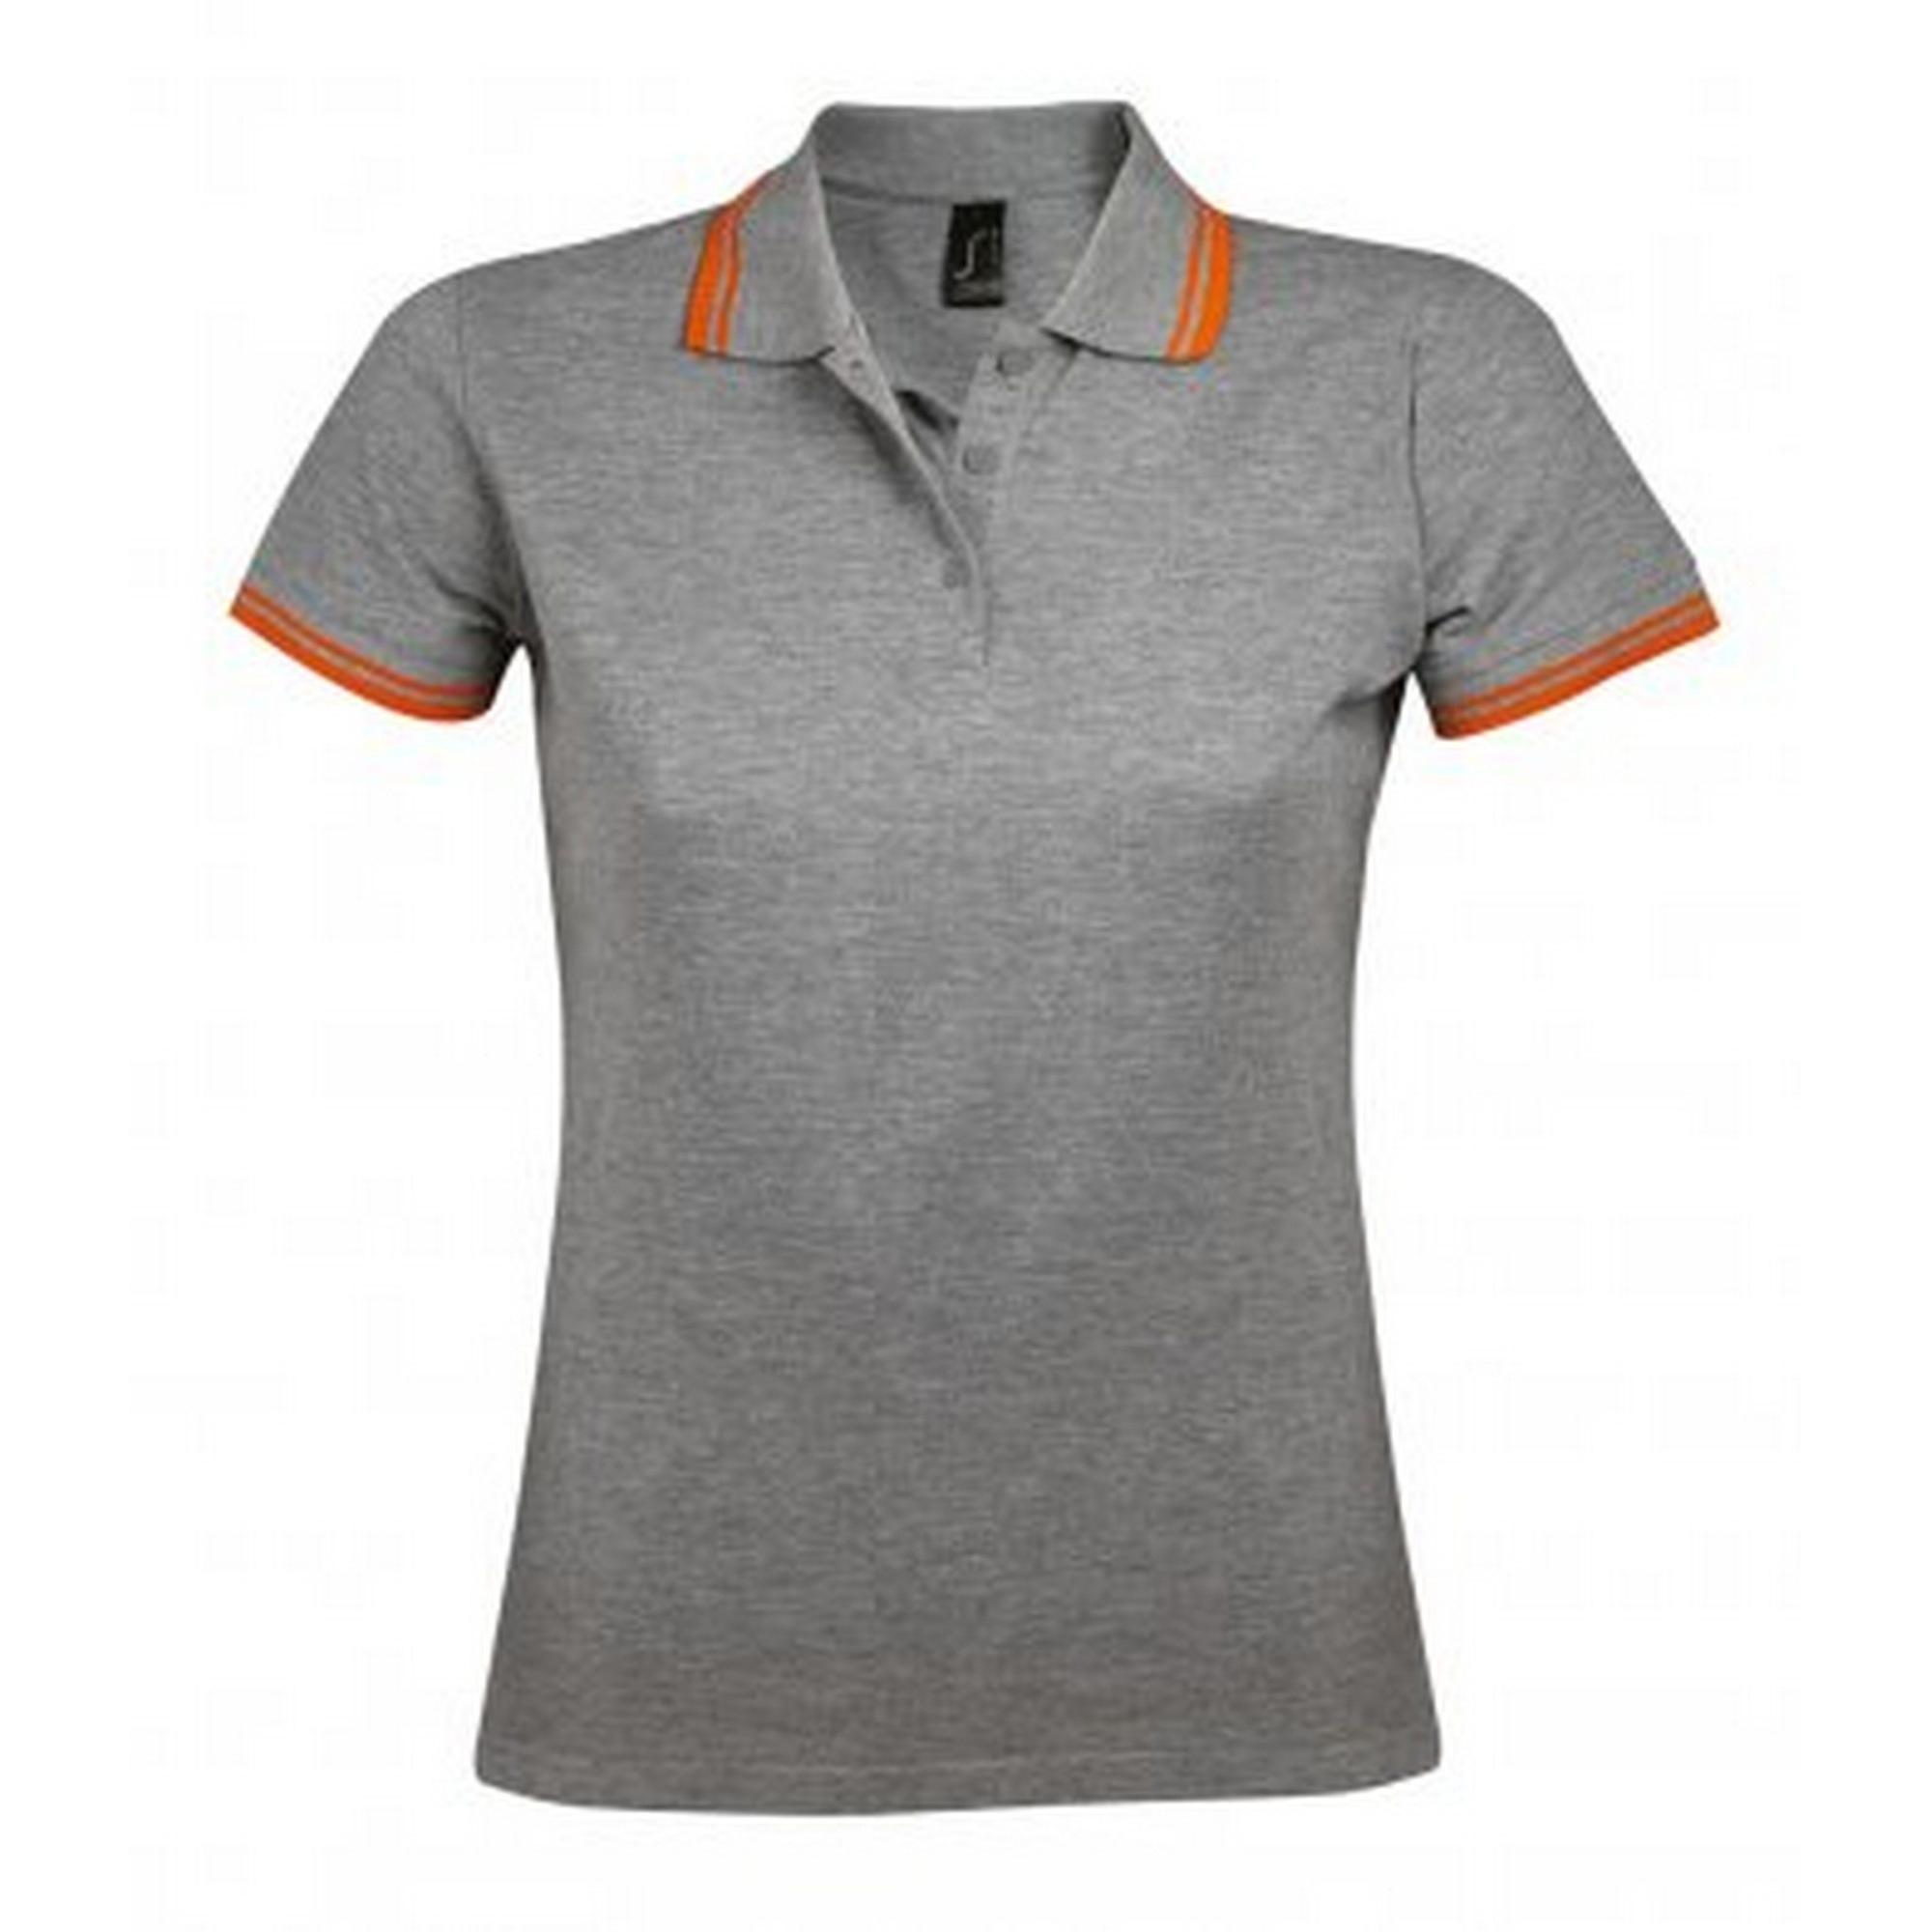 sols -  Poloshirt Damen Pasadena Pique Polo-Shirt kurzärmlig